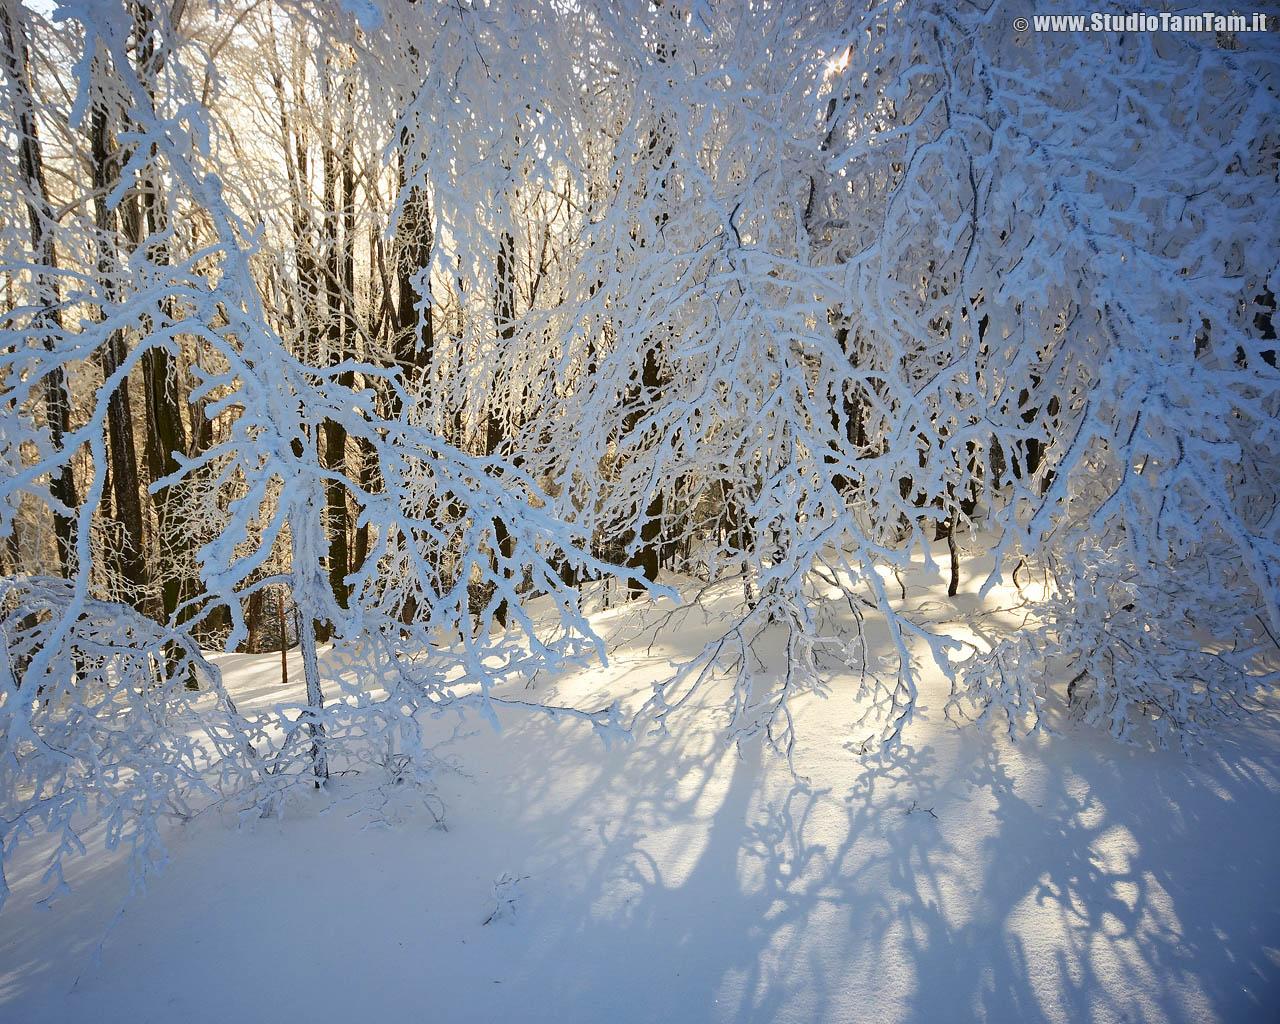 Pin sfondi desktop inverno hd baita tra la neve e foto for Immagini desktop inverno